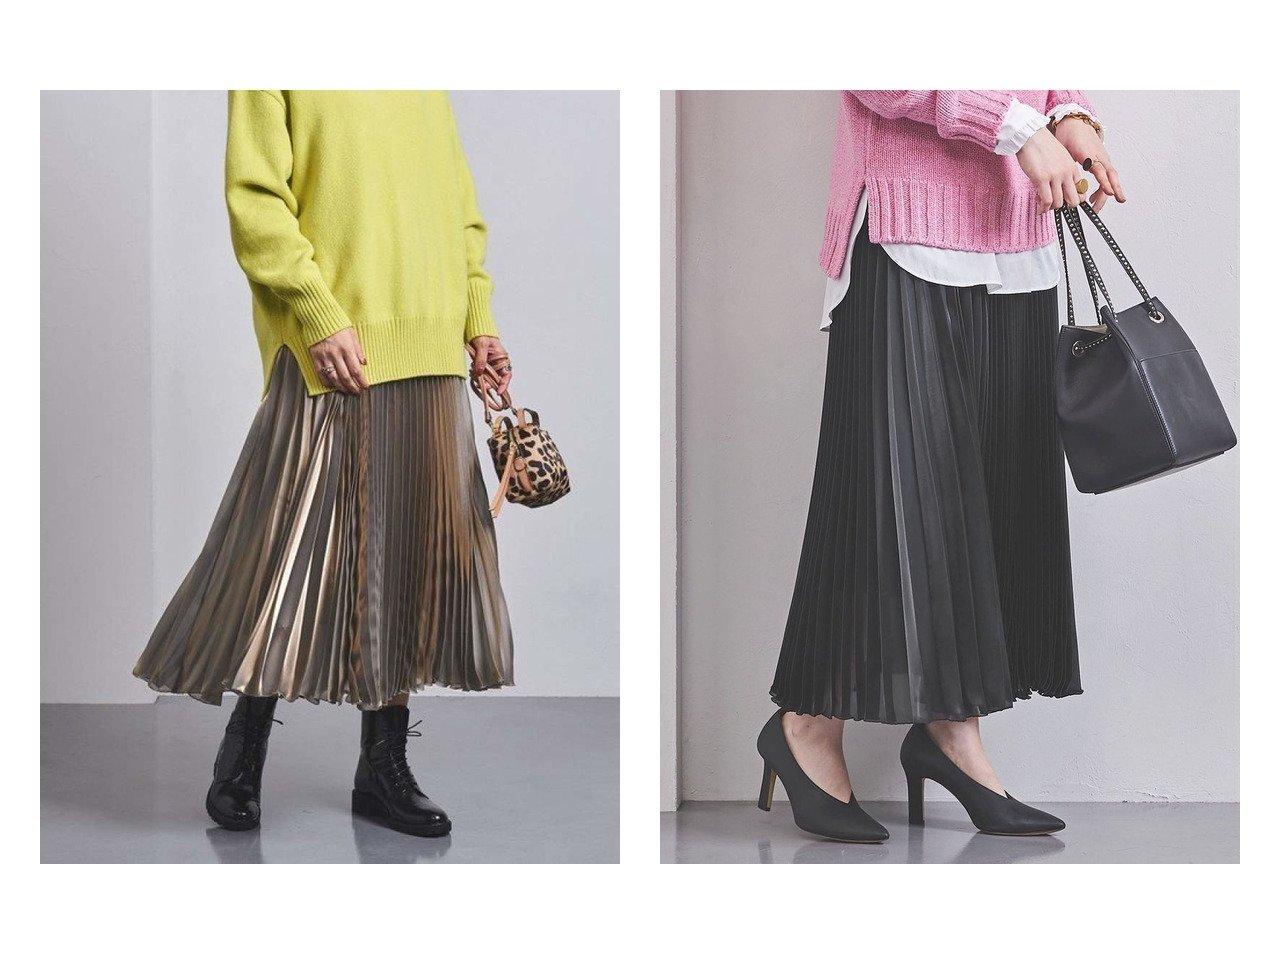 【UNITED ARROWS/ユナイテッドアローズ】のUWFM P GLITTER プリーツスカート† スカートのおすすめ!人気、トレンド・レディースファッションの通販 おすすめで人気の流行・トレンド、ファッションの通販商品 メンズファッション・キッズファッション・インテリア・家具・レディースファッション・服の通販 founy(ファニー) https://founy.com/ ファッション Fashion レディースファッション WOMEN スカート Skirt プリーツスカート Pleated Skirts ロングスカート Long Skirt プリーツ ロング  ID:crp329100000012433